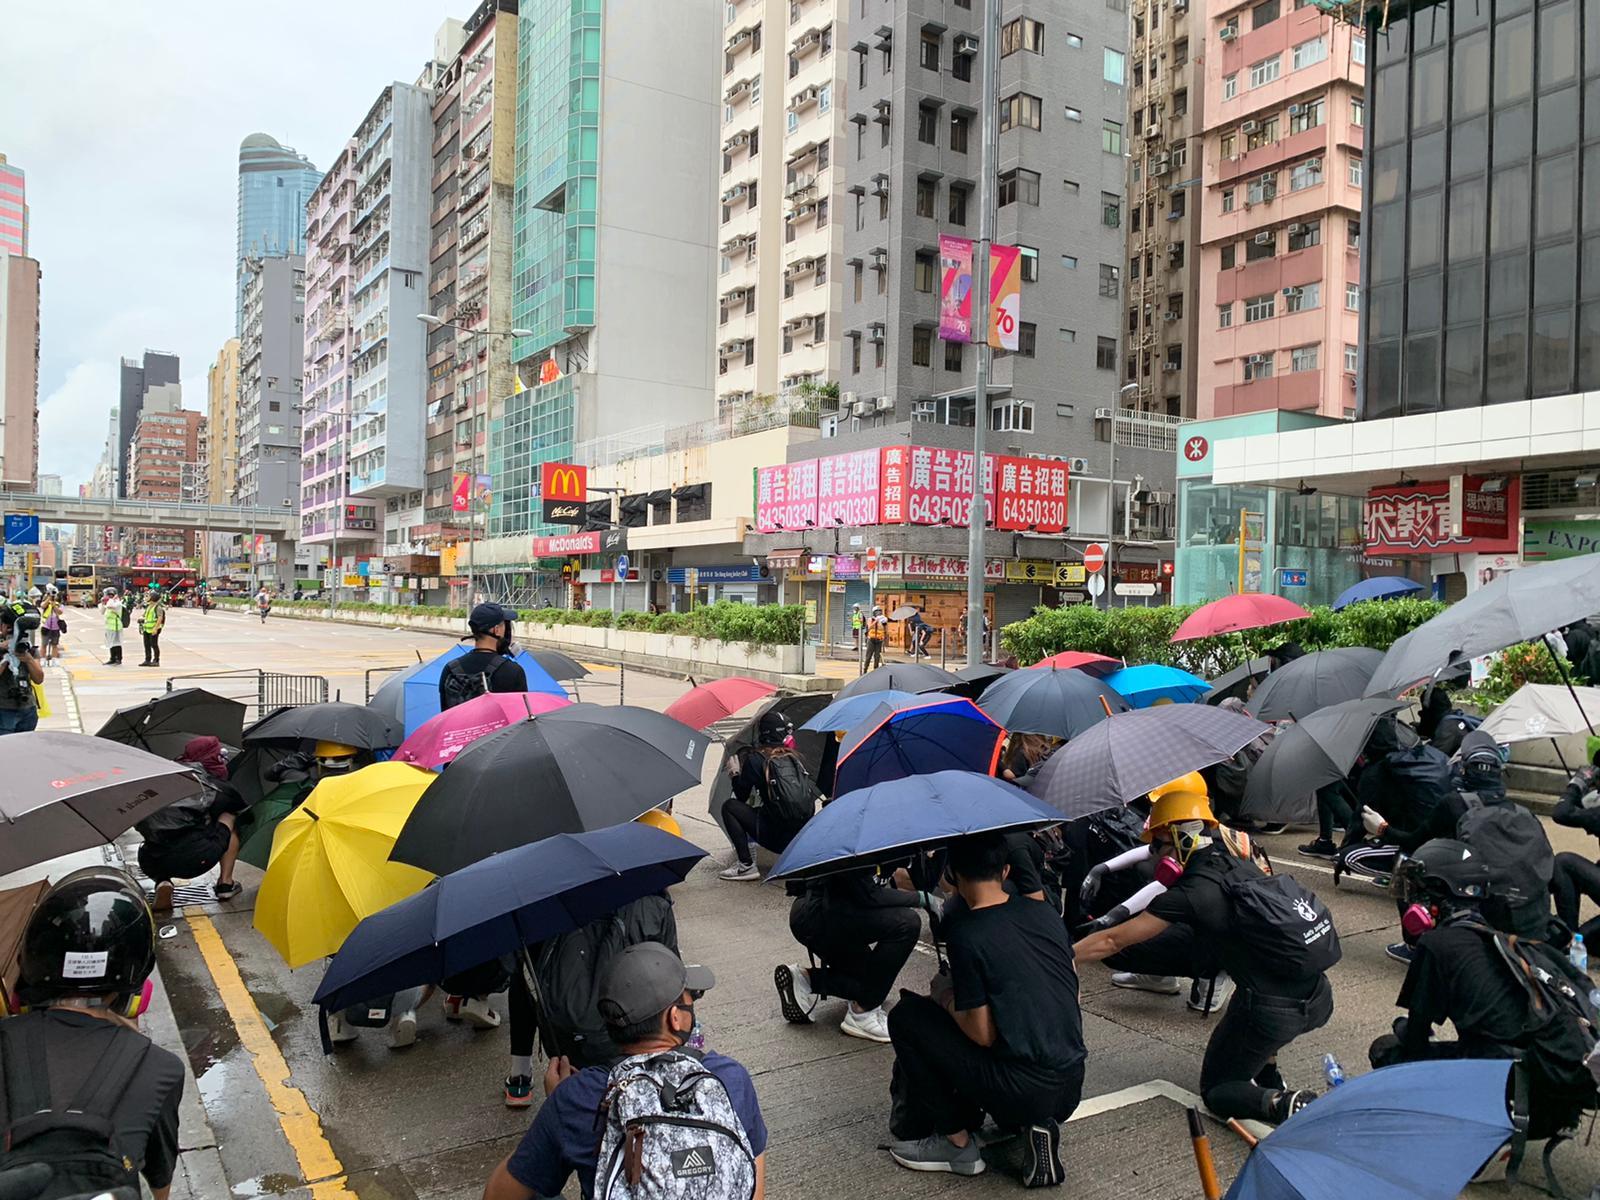 【修例风波】港九多区示威者危害公众安全 警方呼吁市民留在安全地方